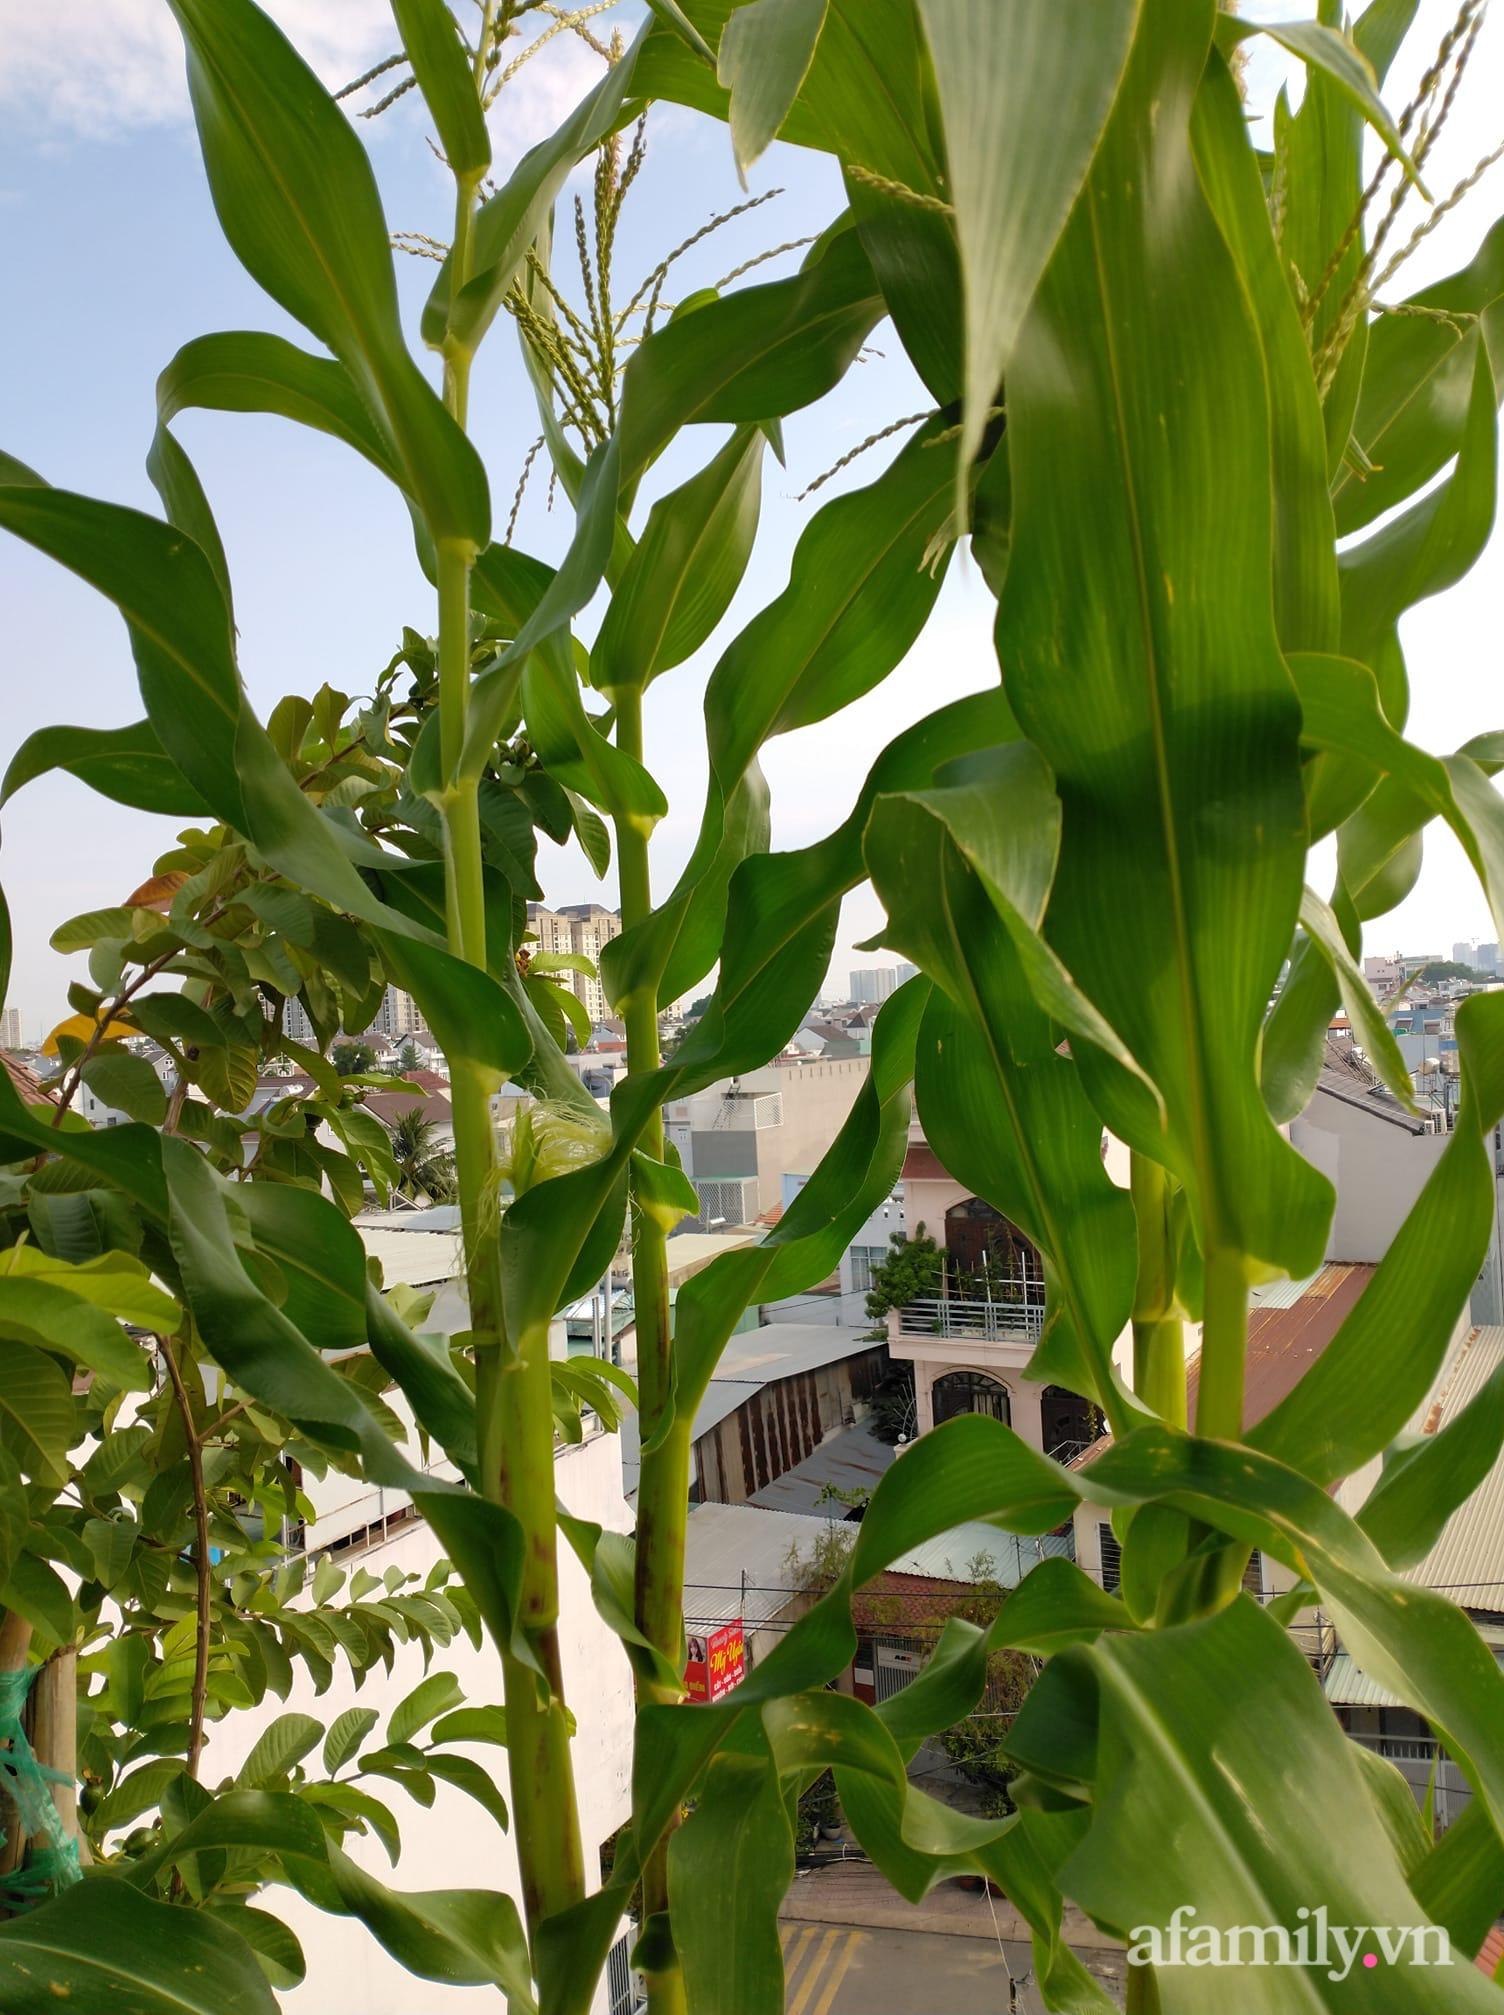 Vườn cây ăn quả 130m2 trên sân thượng quanh năm xanh mát ở quận 9, Sài Gòn - Ảnh 7.